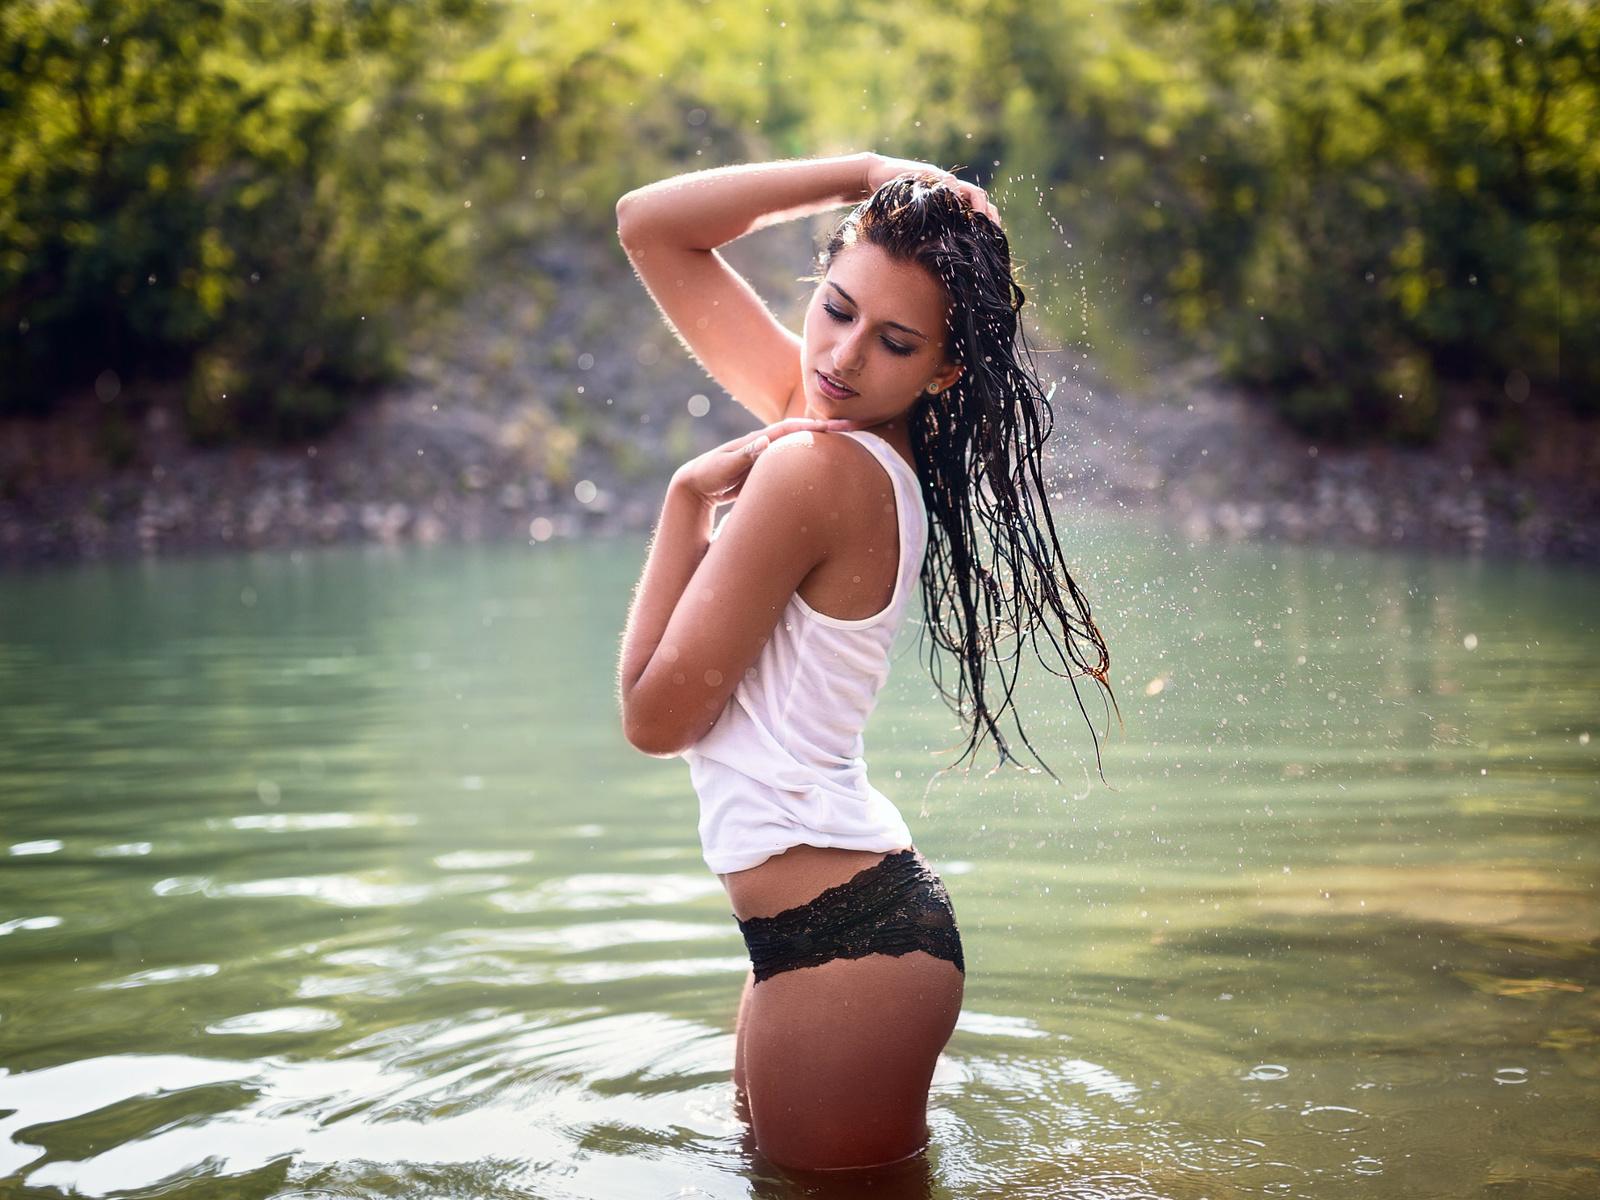 девушка, брюнетка, майка, трусики, мокрая, природа, лето, вода, водоём, брызги, milan r